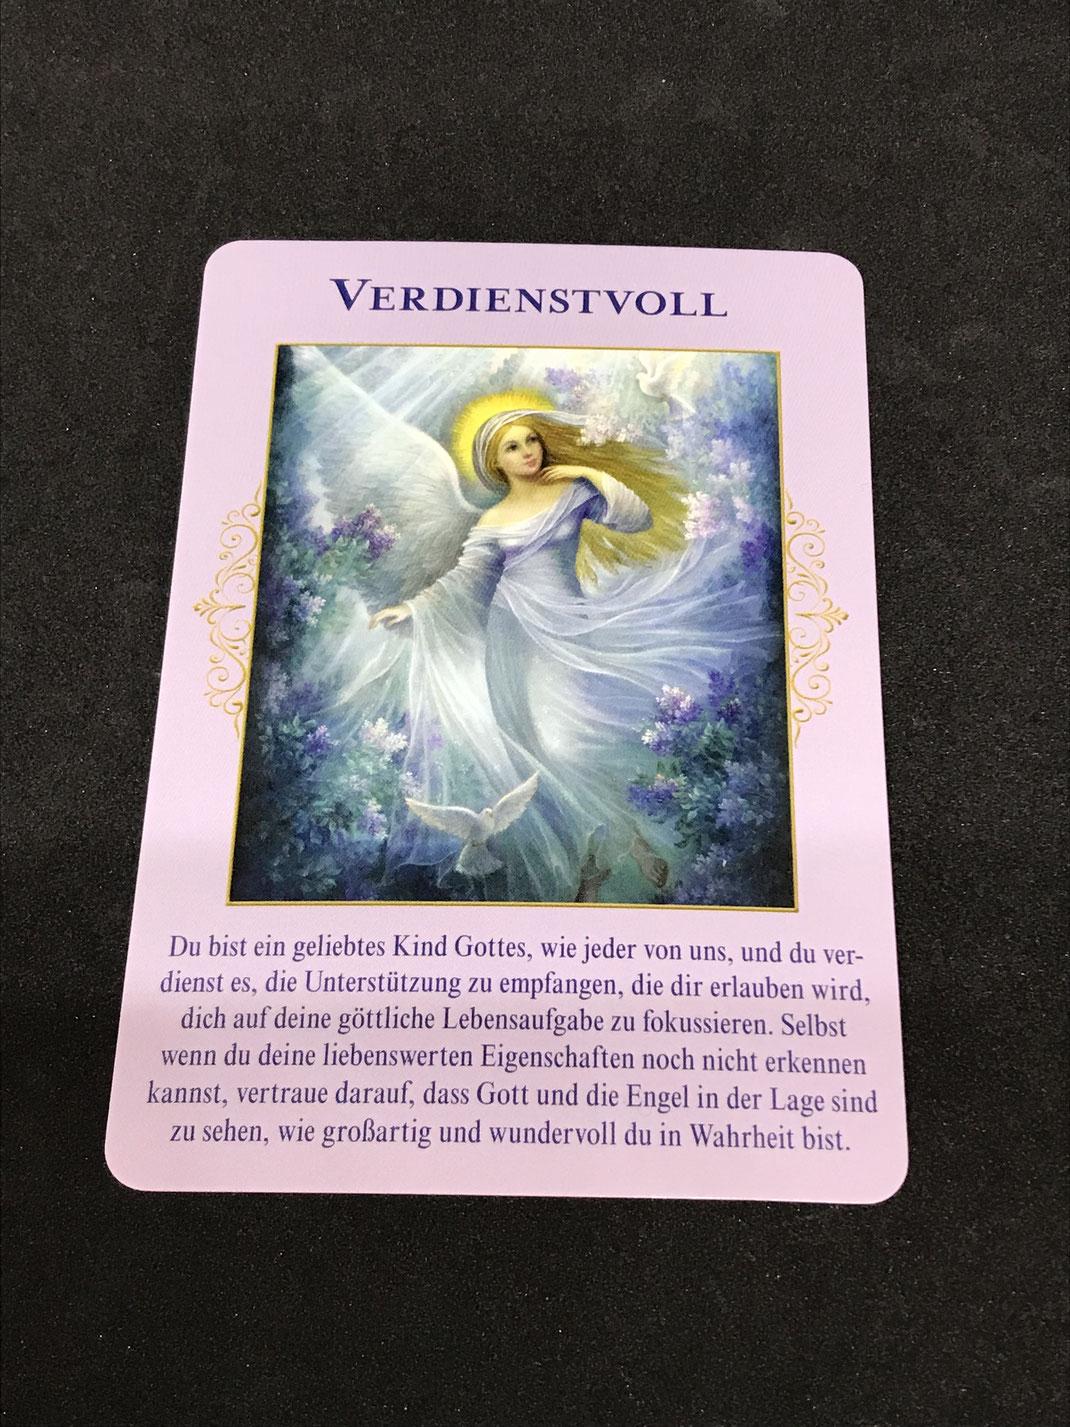 Das Orakel der Himmlischen Fülle von Doreen Virtue auf Phönixzauber